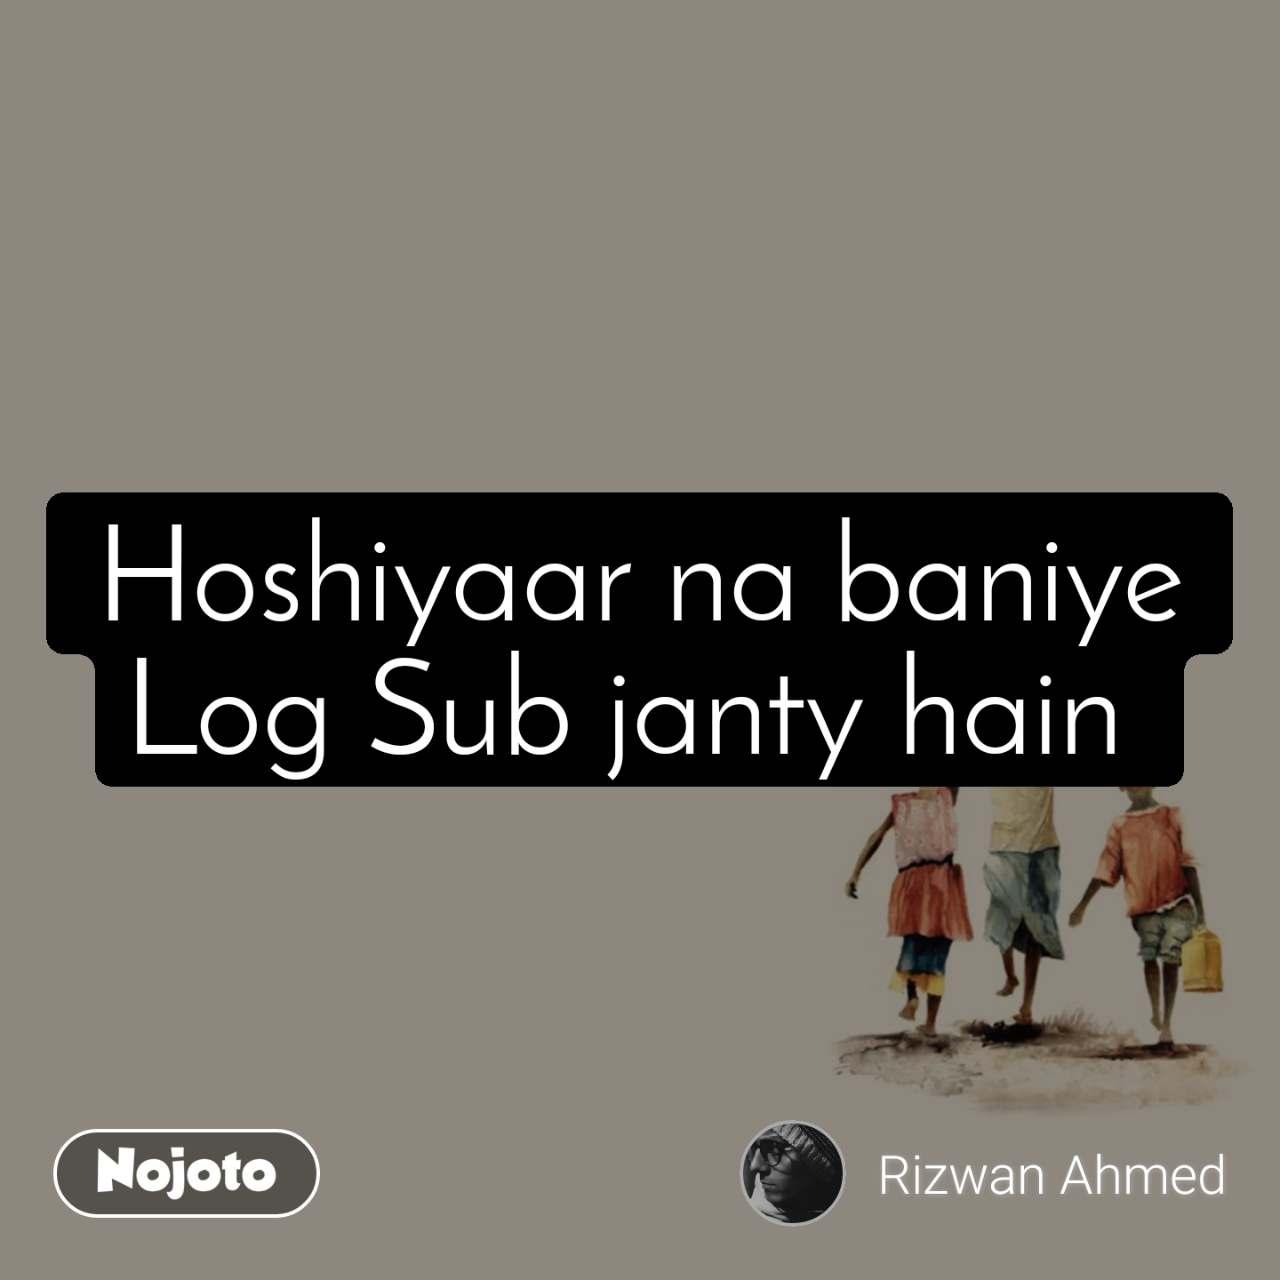 Hoshiyaar na baniye Log Sub janty hain